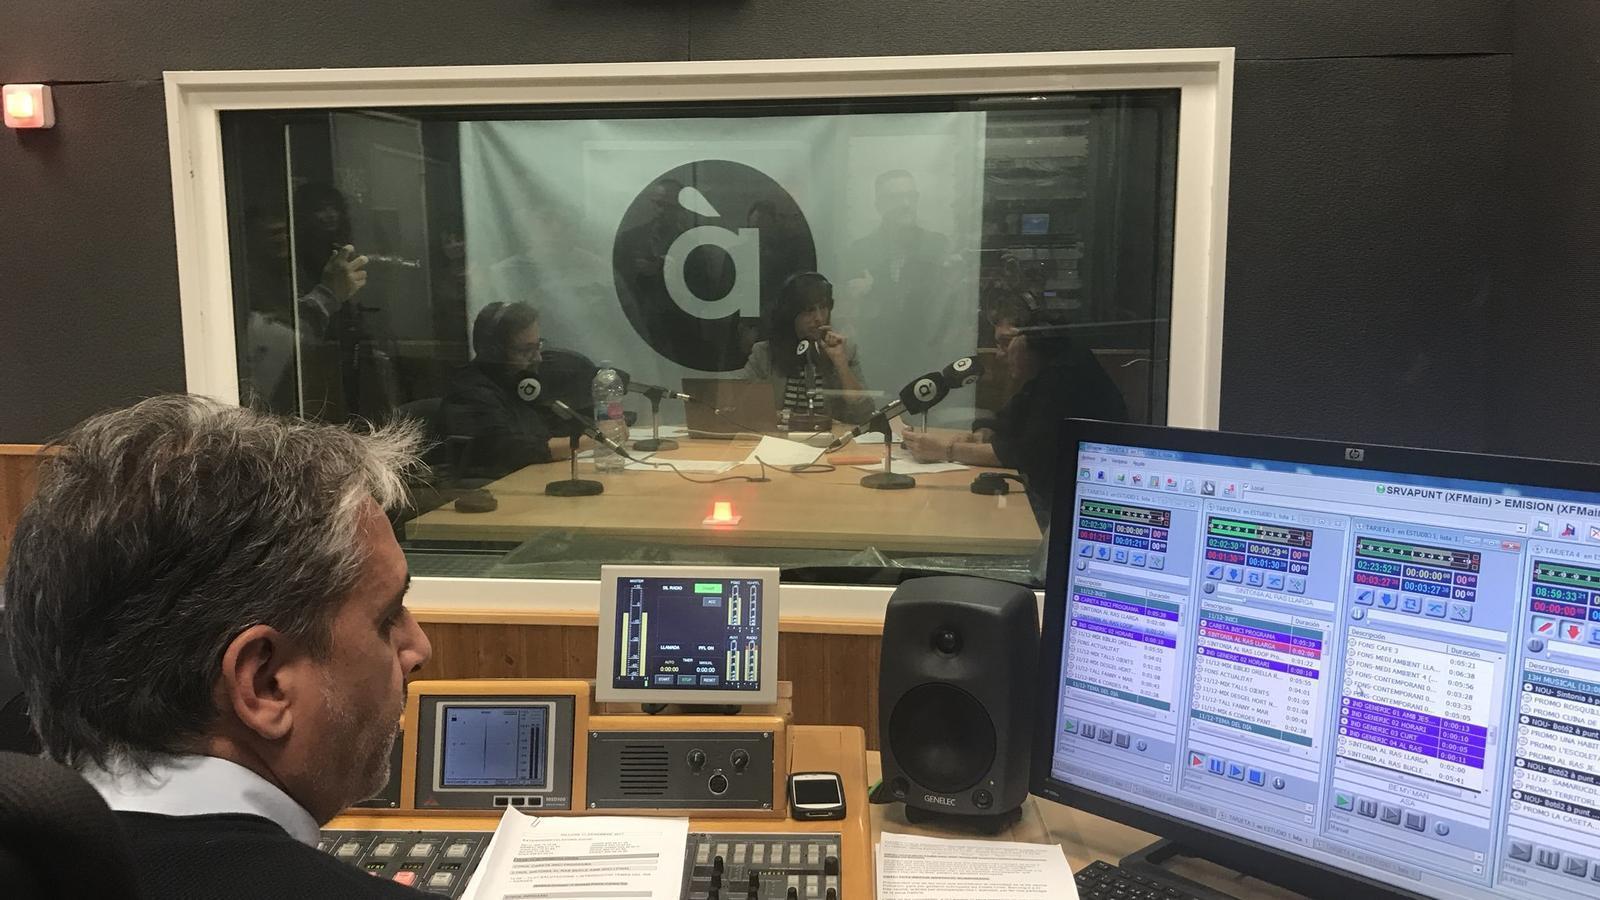 Quatre anys després, torna la ràdio pública valenciana